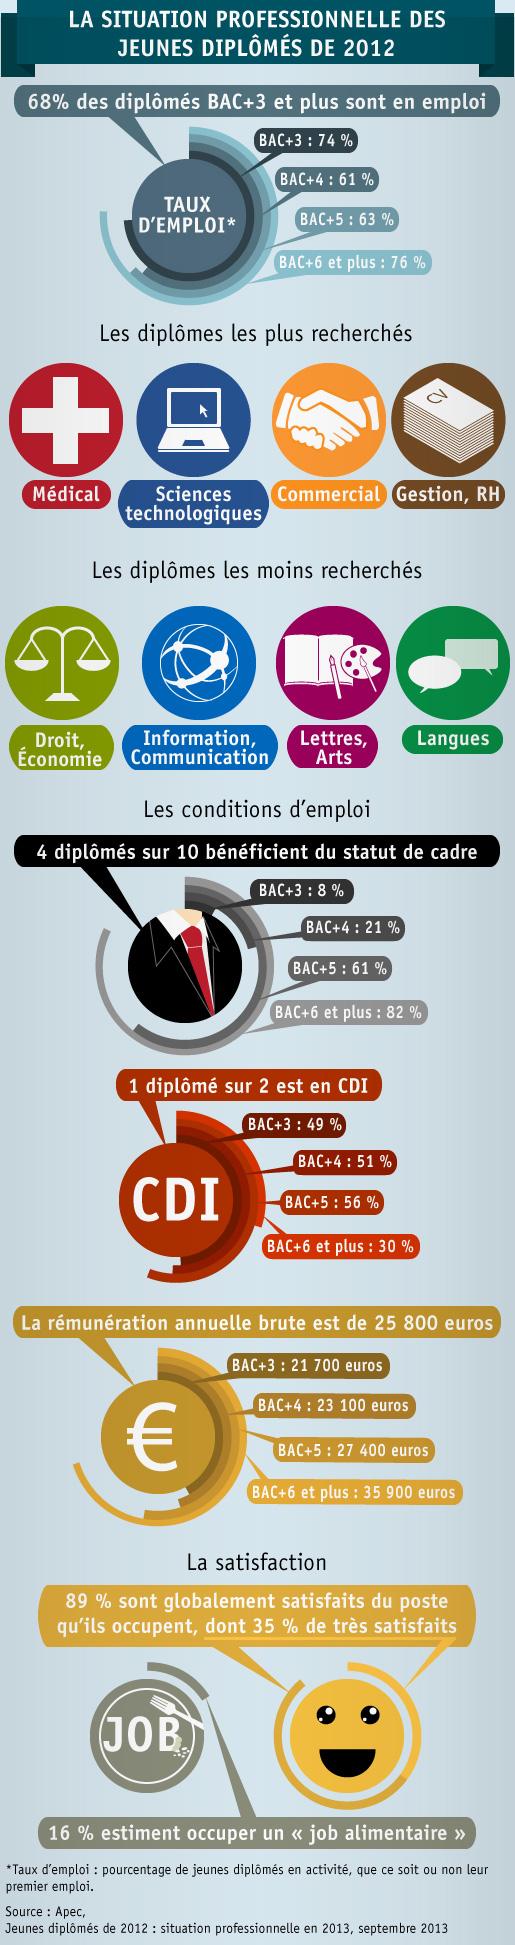 Infographie-jeunes-diplomes-de-2012-situation-professionnelle-en-2013